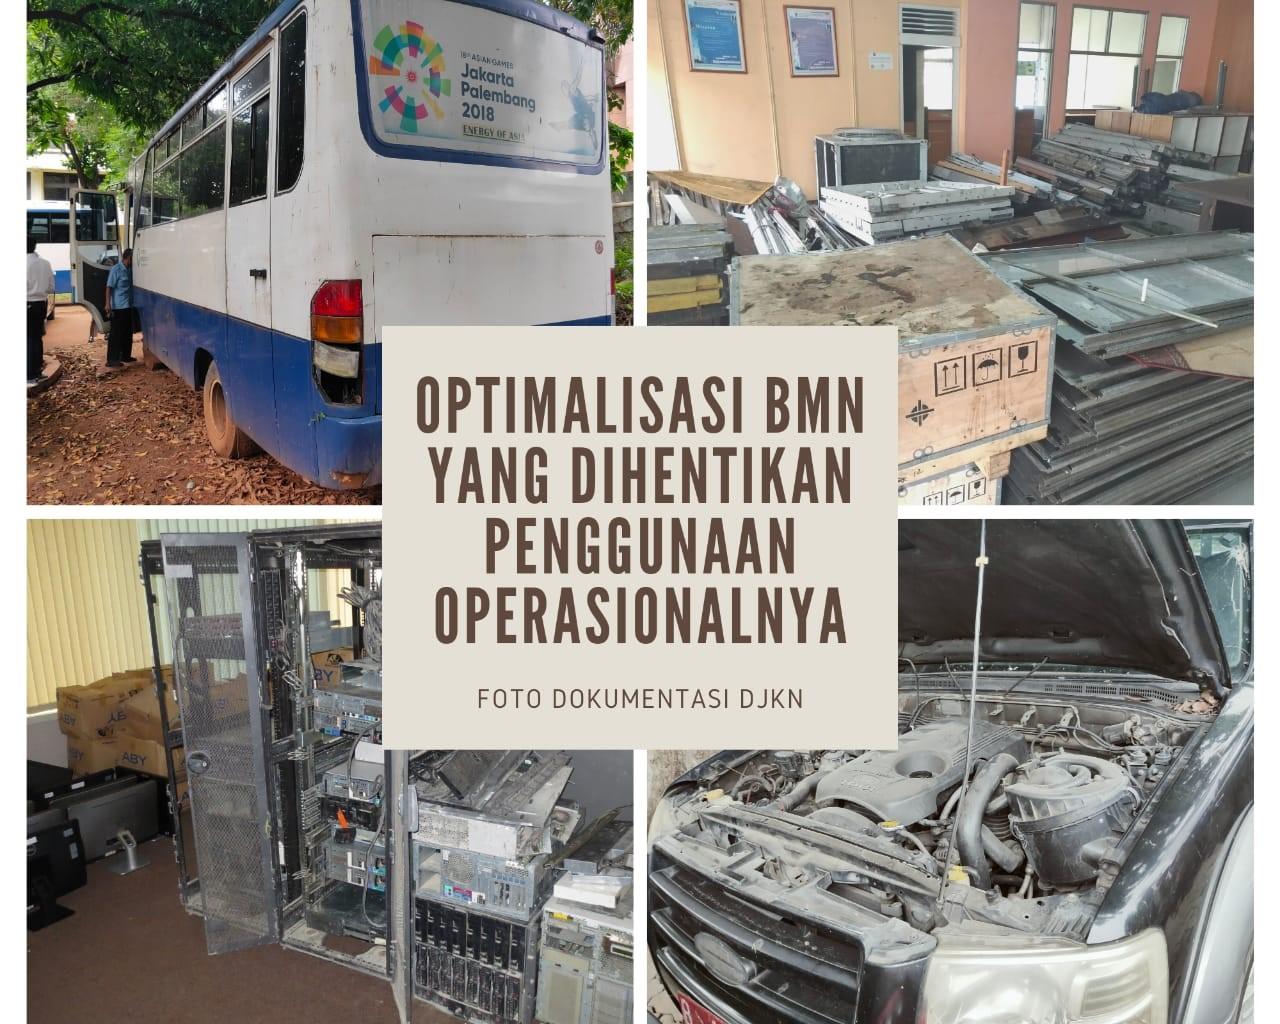 Optimalisasi BMN Yang Dihentikan Penggunaan Operasionalnya